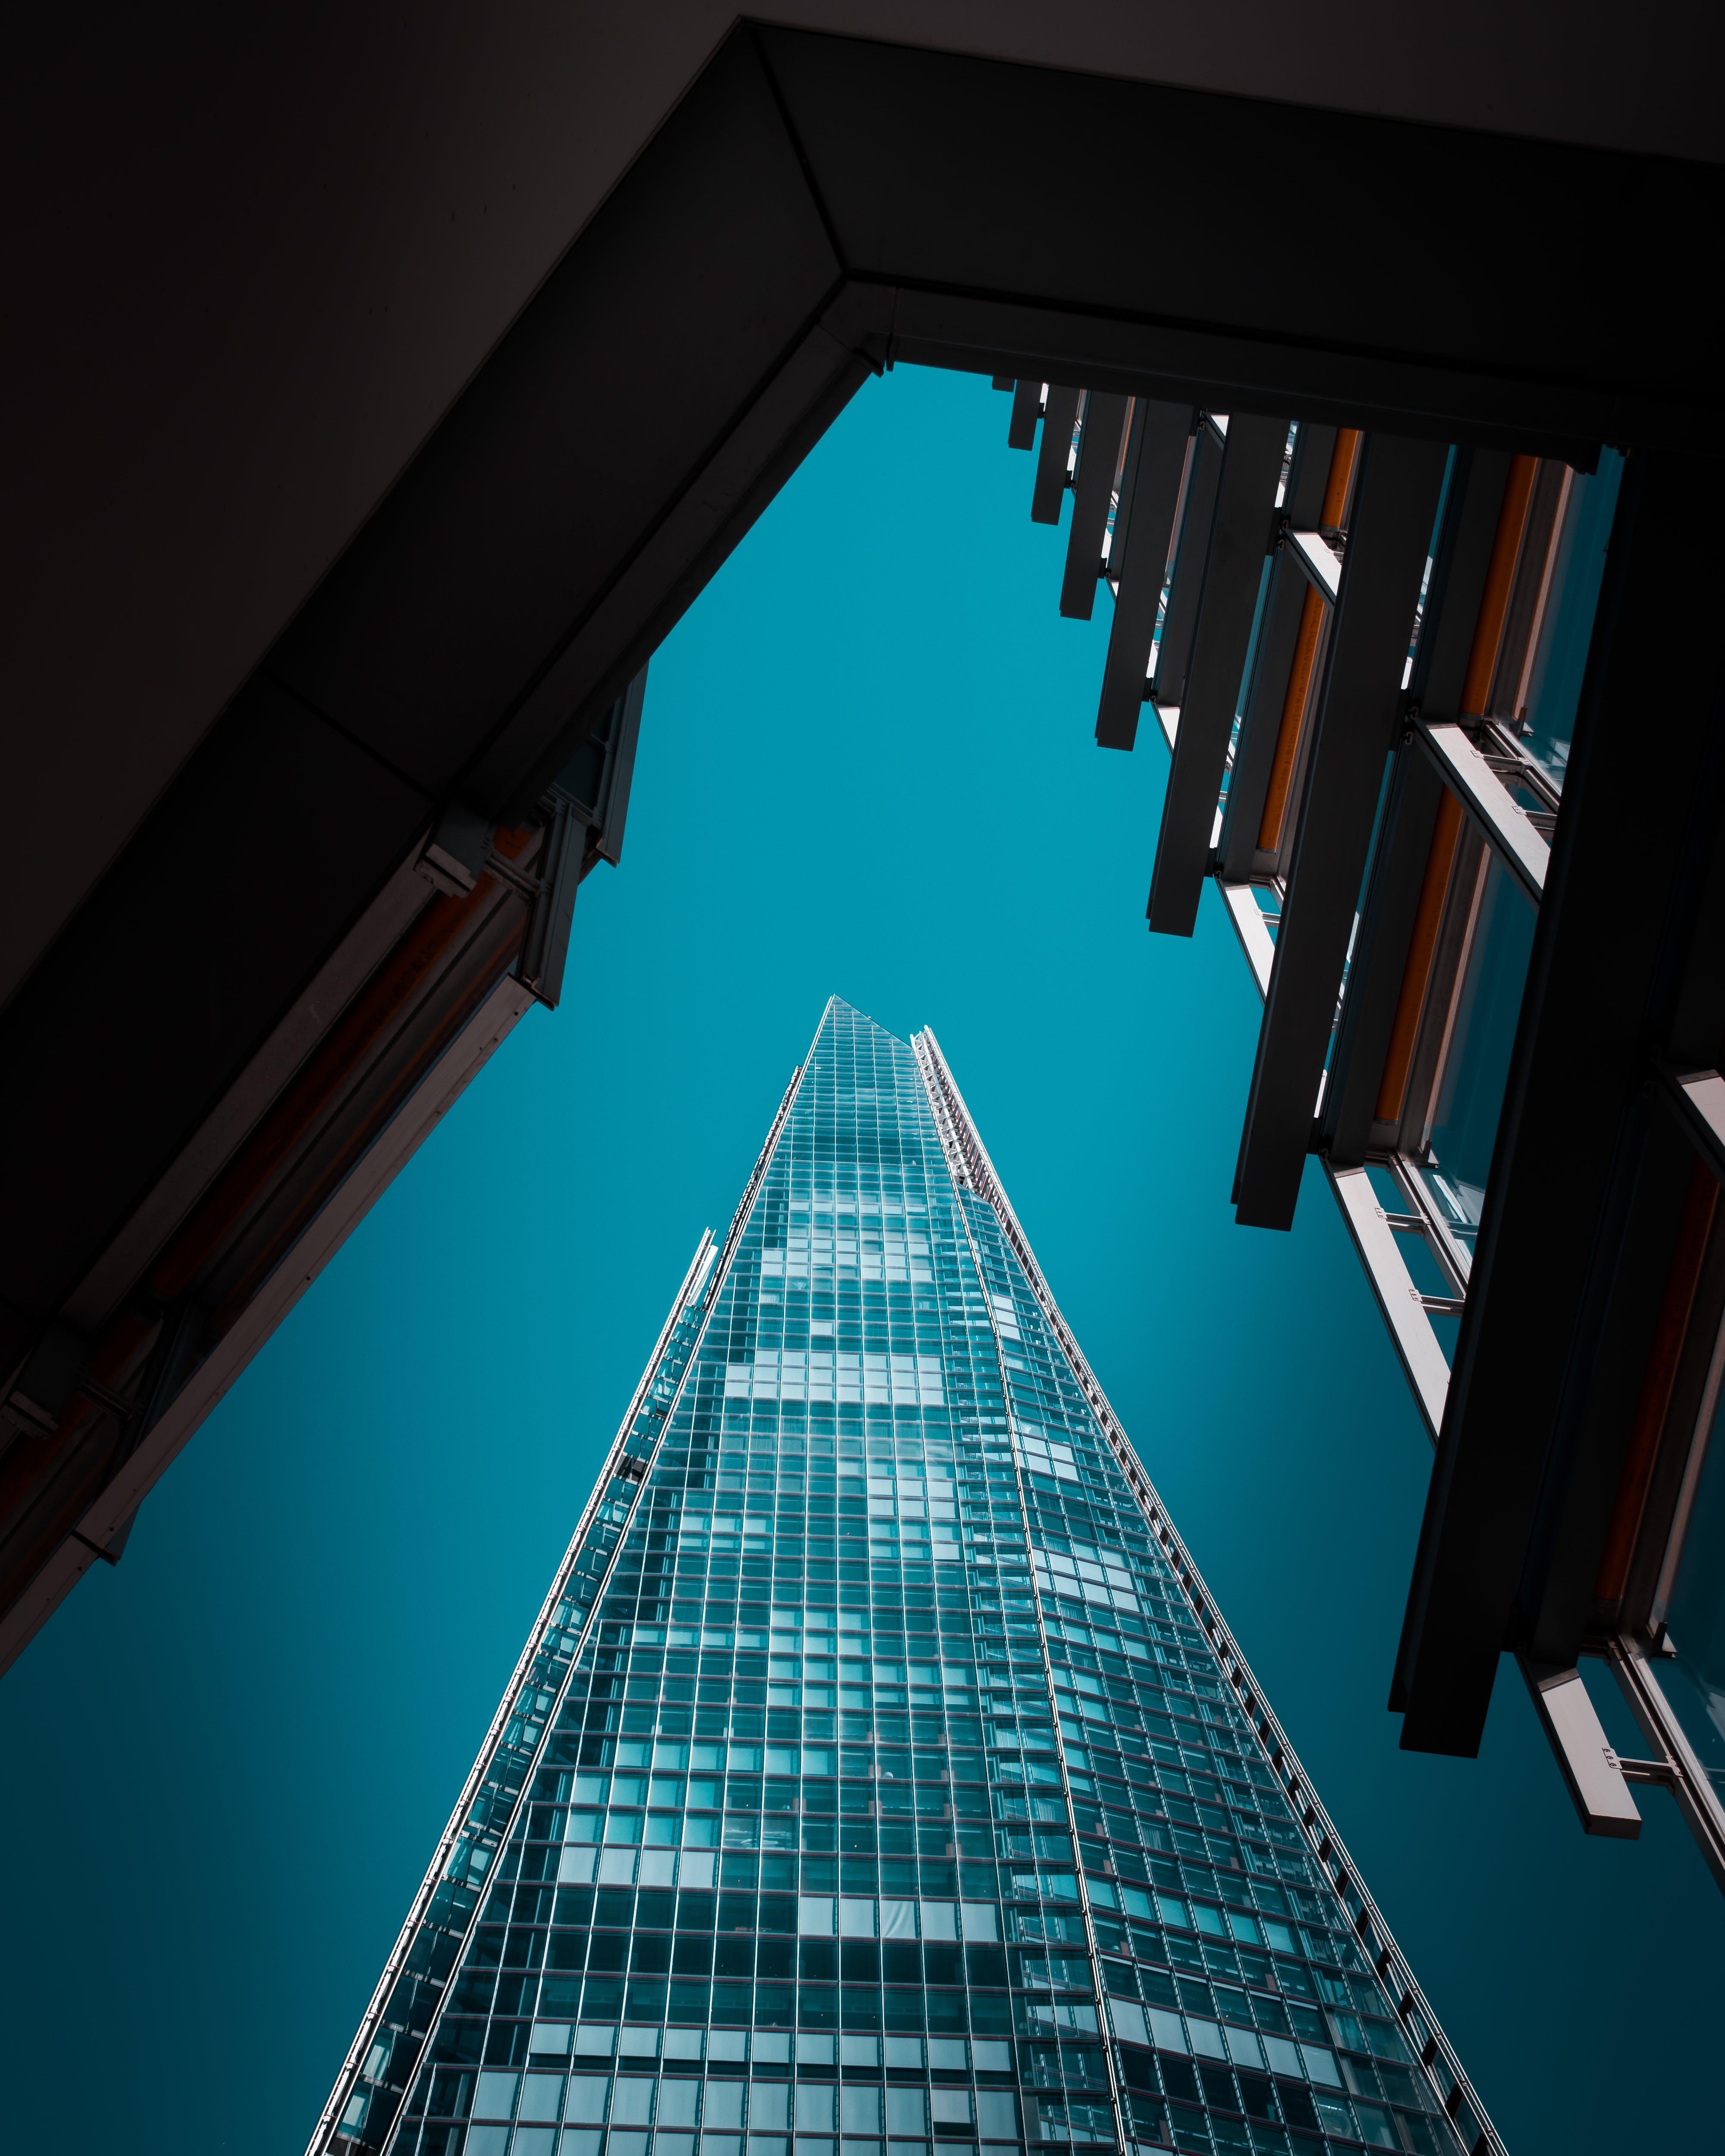 architectural design, architecture, building